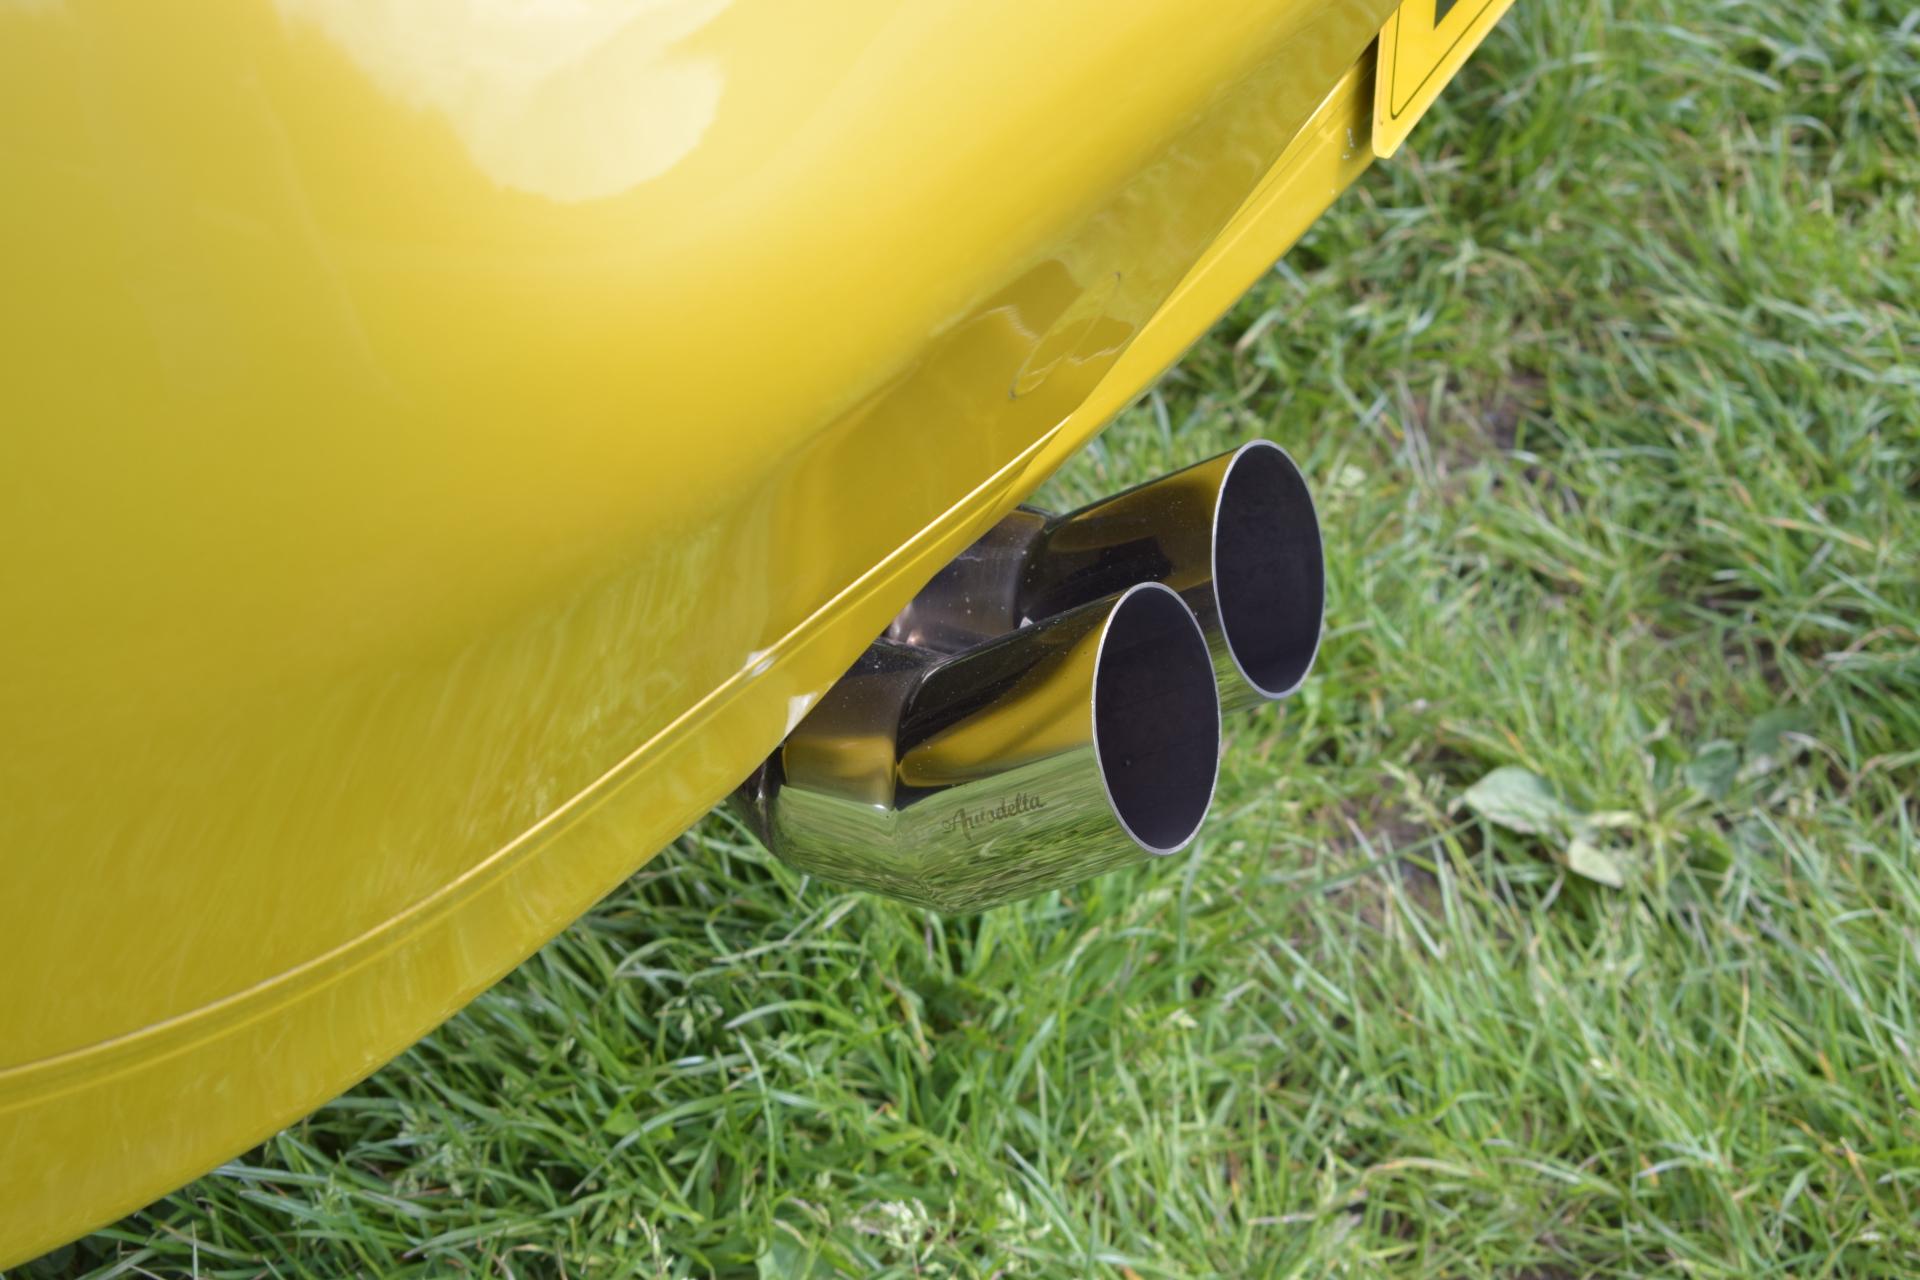 3.0 V6 24v Spider L16 DPL (formerly EN02 AEP)